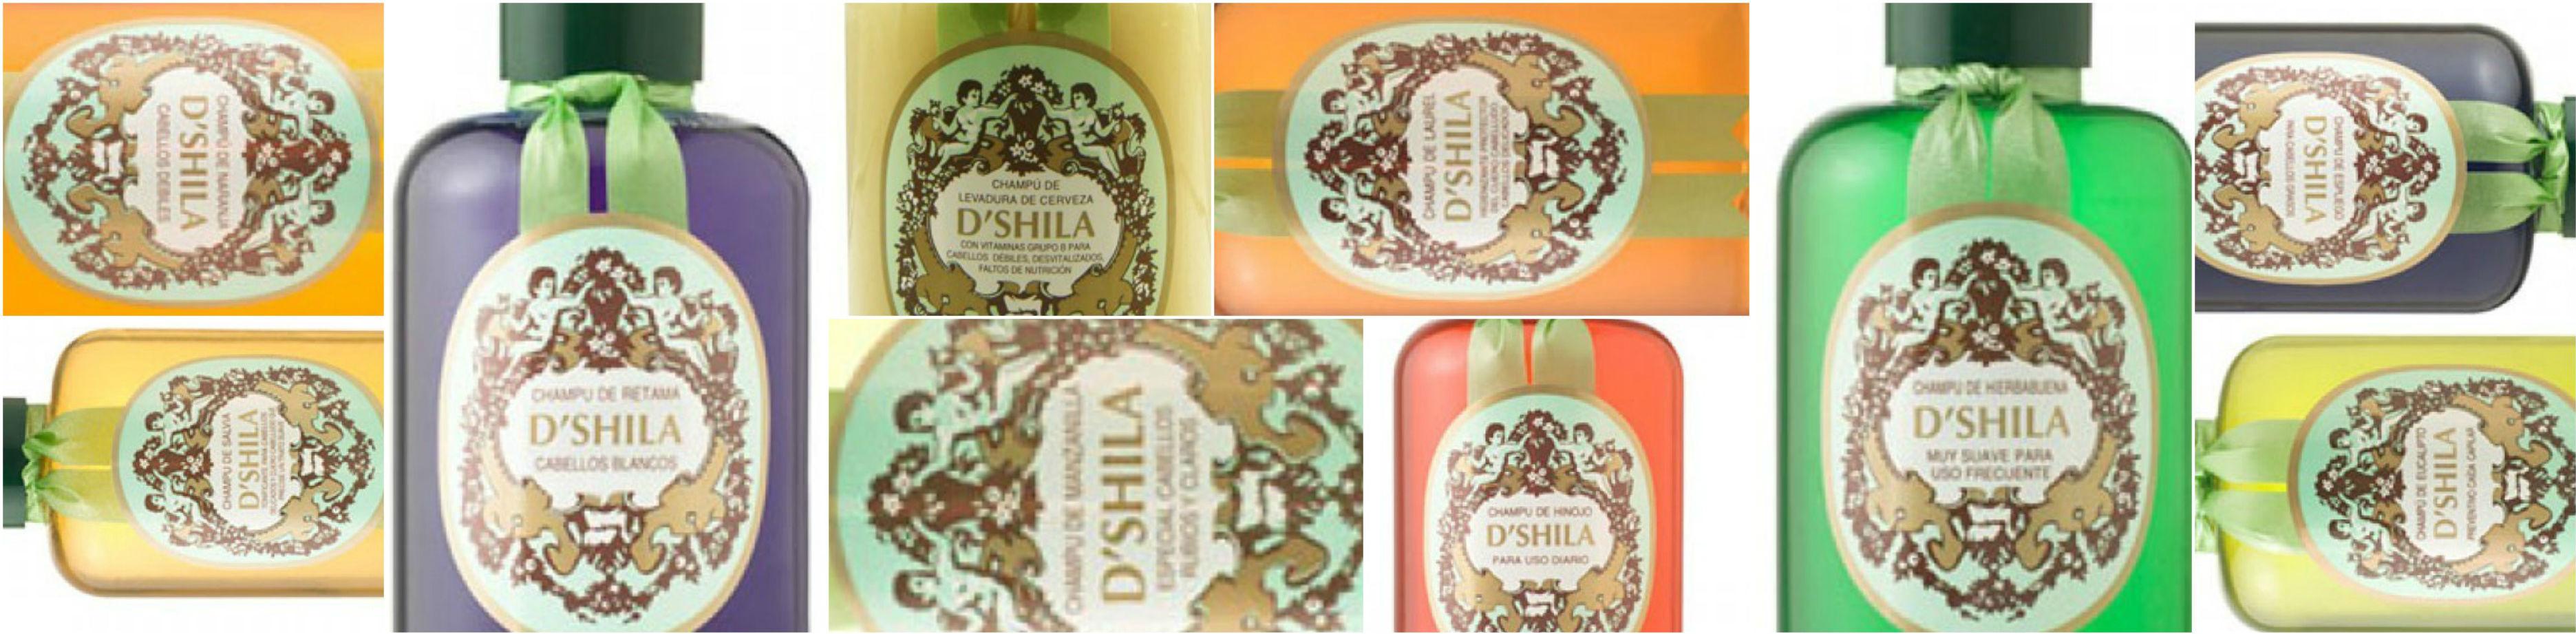 Champús D'Shila Classics